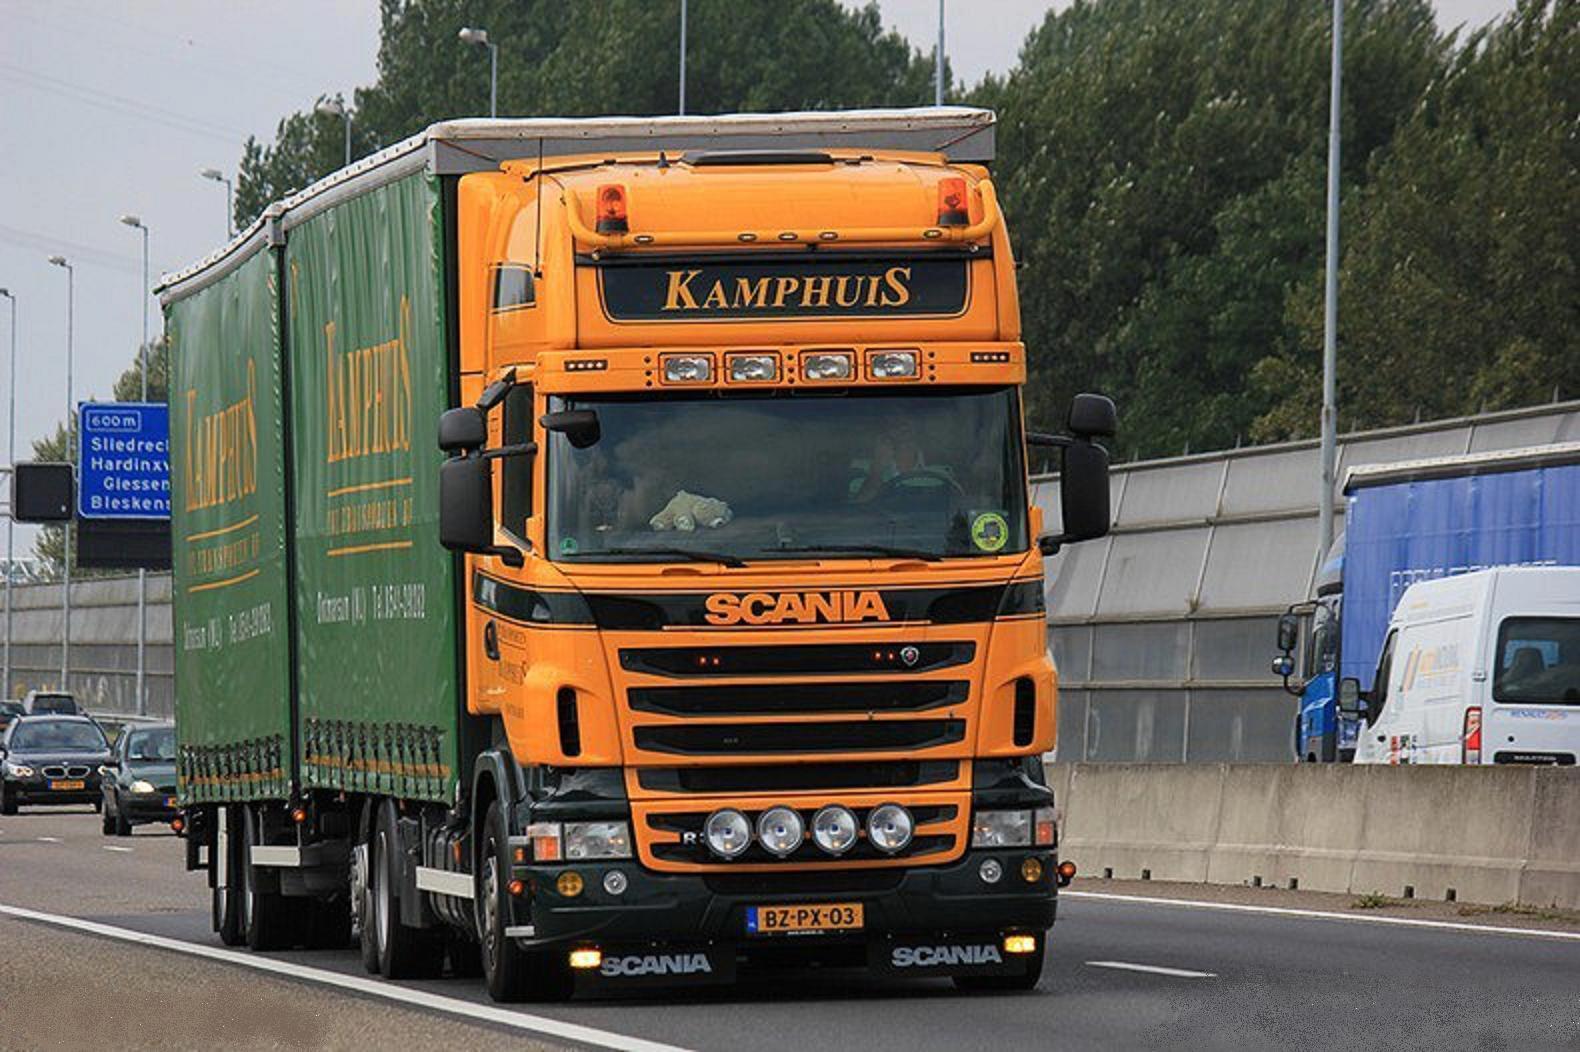 Scania-BZ-PX-03